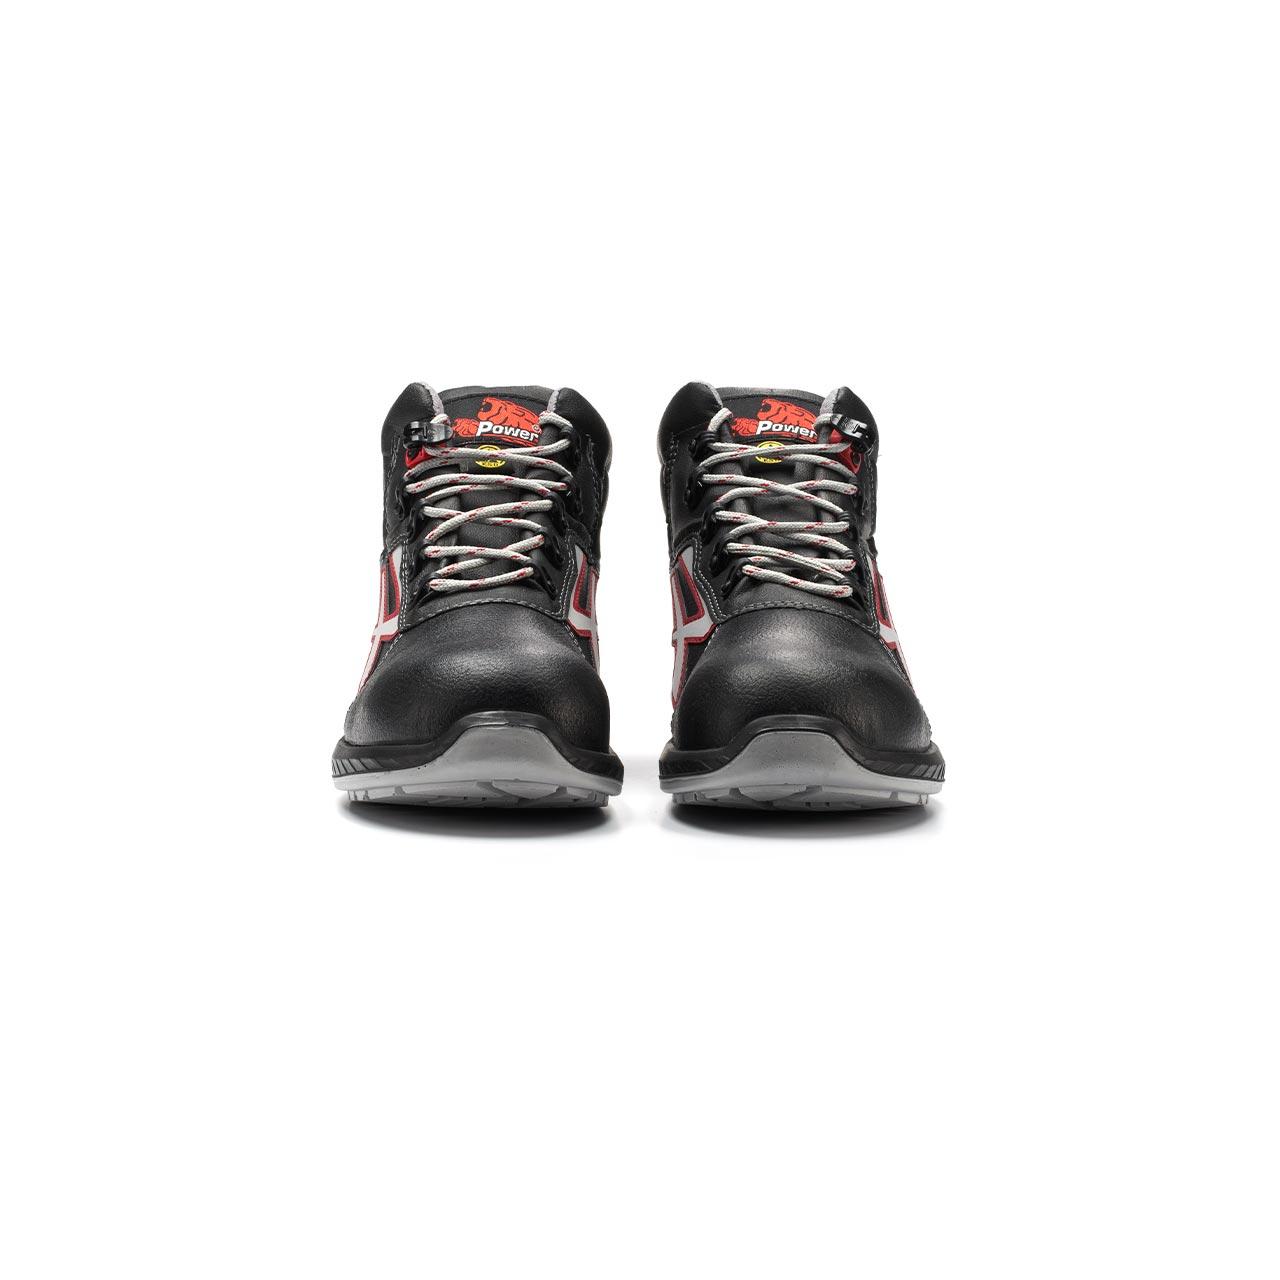 paio di scarpe antinfortunistiche alte upower modello boston linea redindustry vista frontale